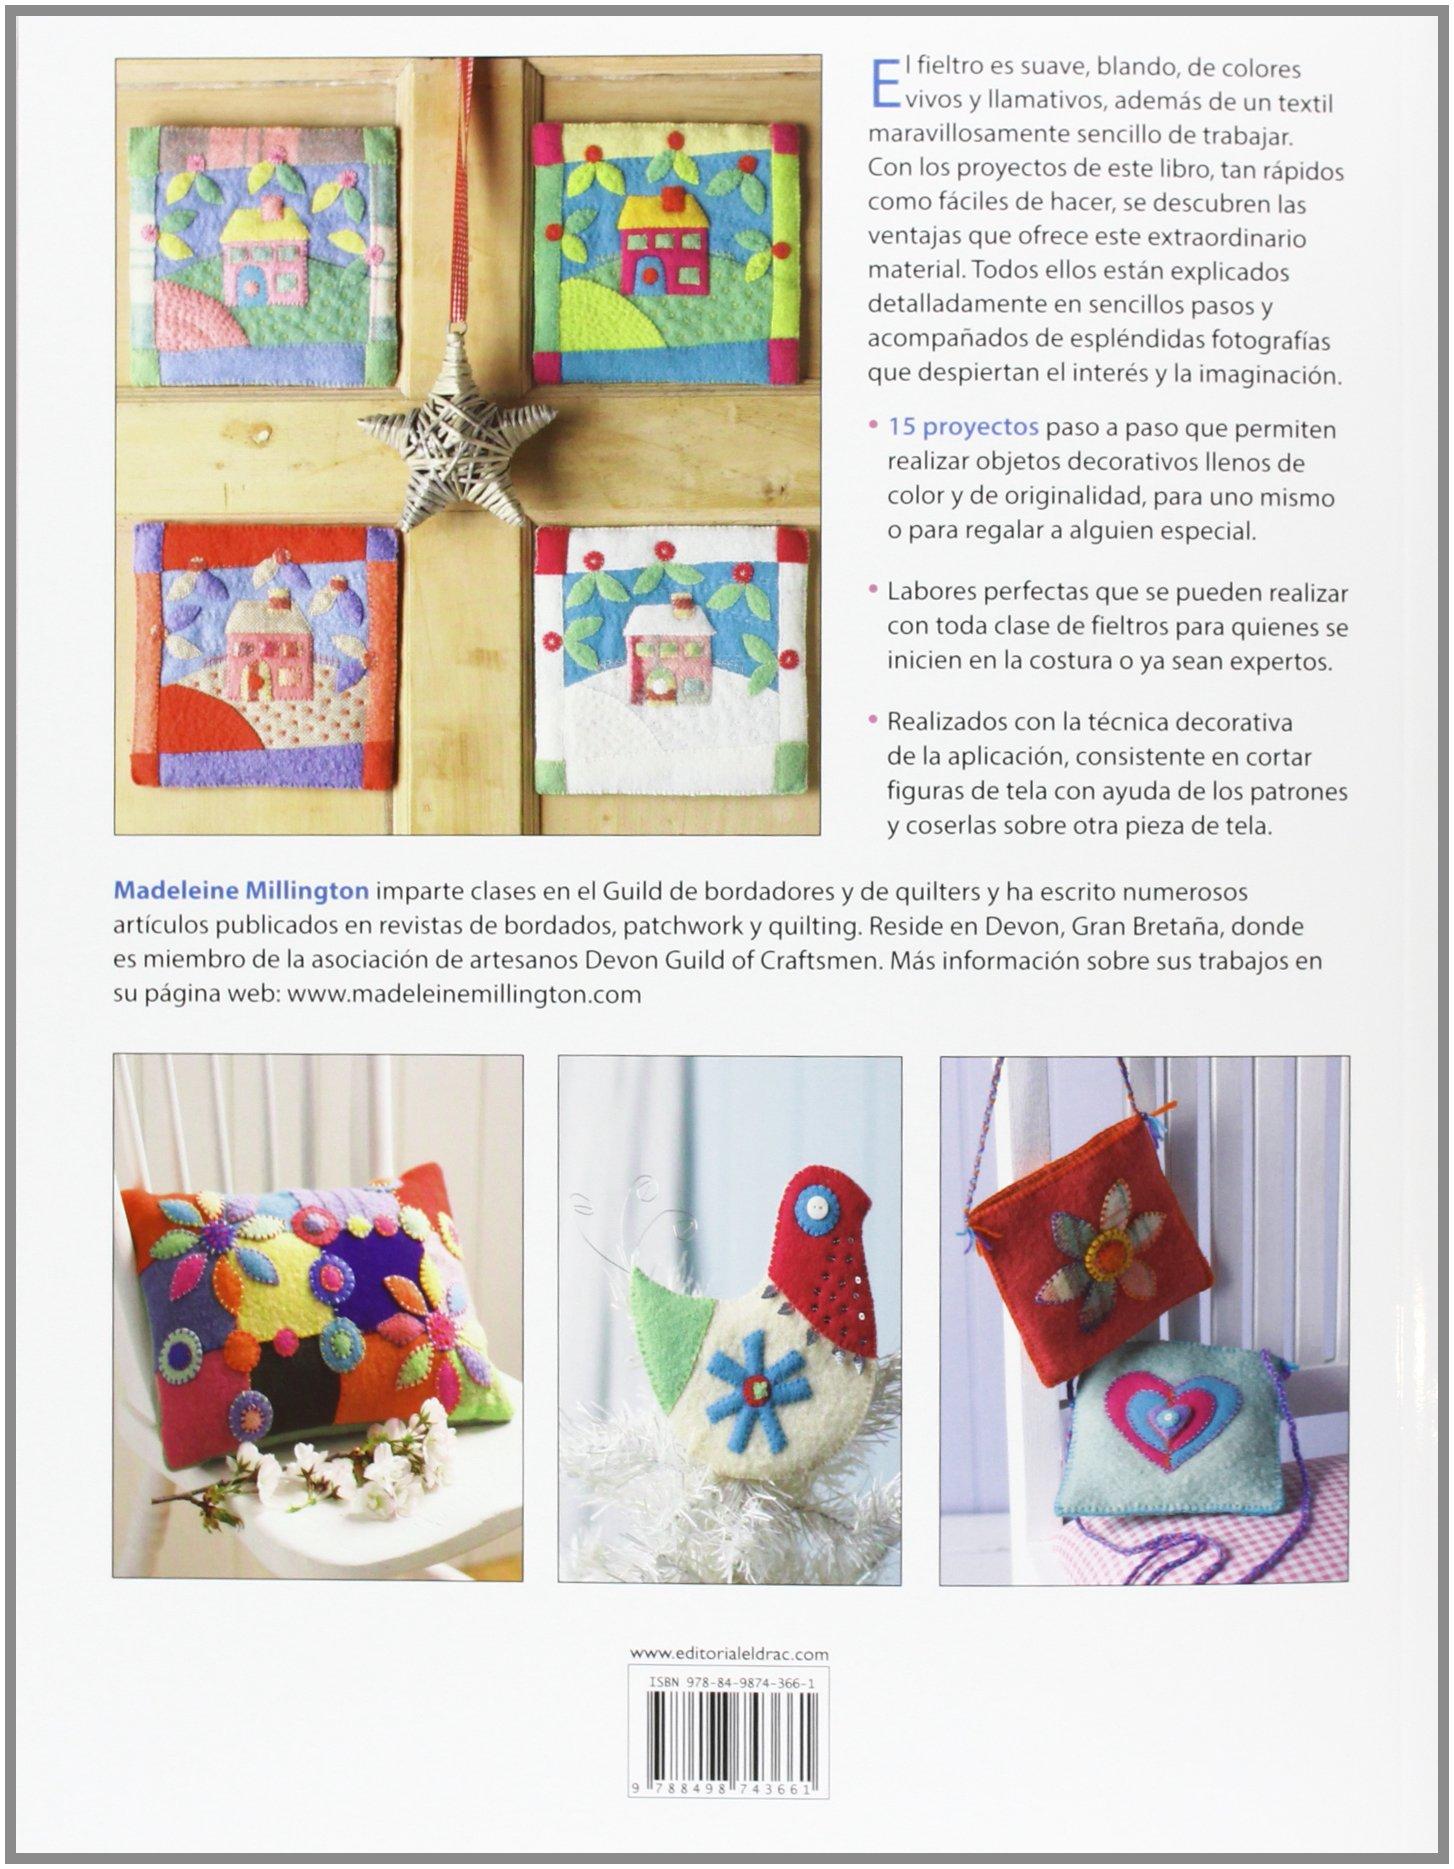 Adornos para decorar la casa con fieltro: Amazon.es: Diego Redolar Ripoll: Libros